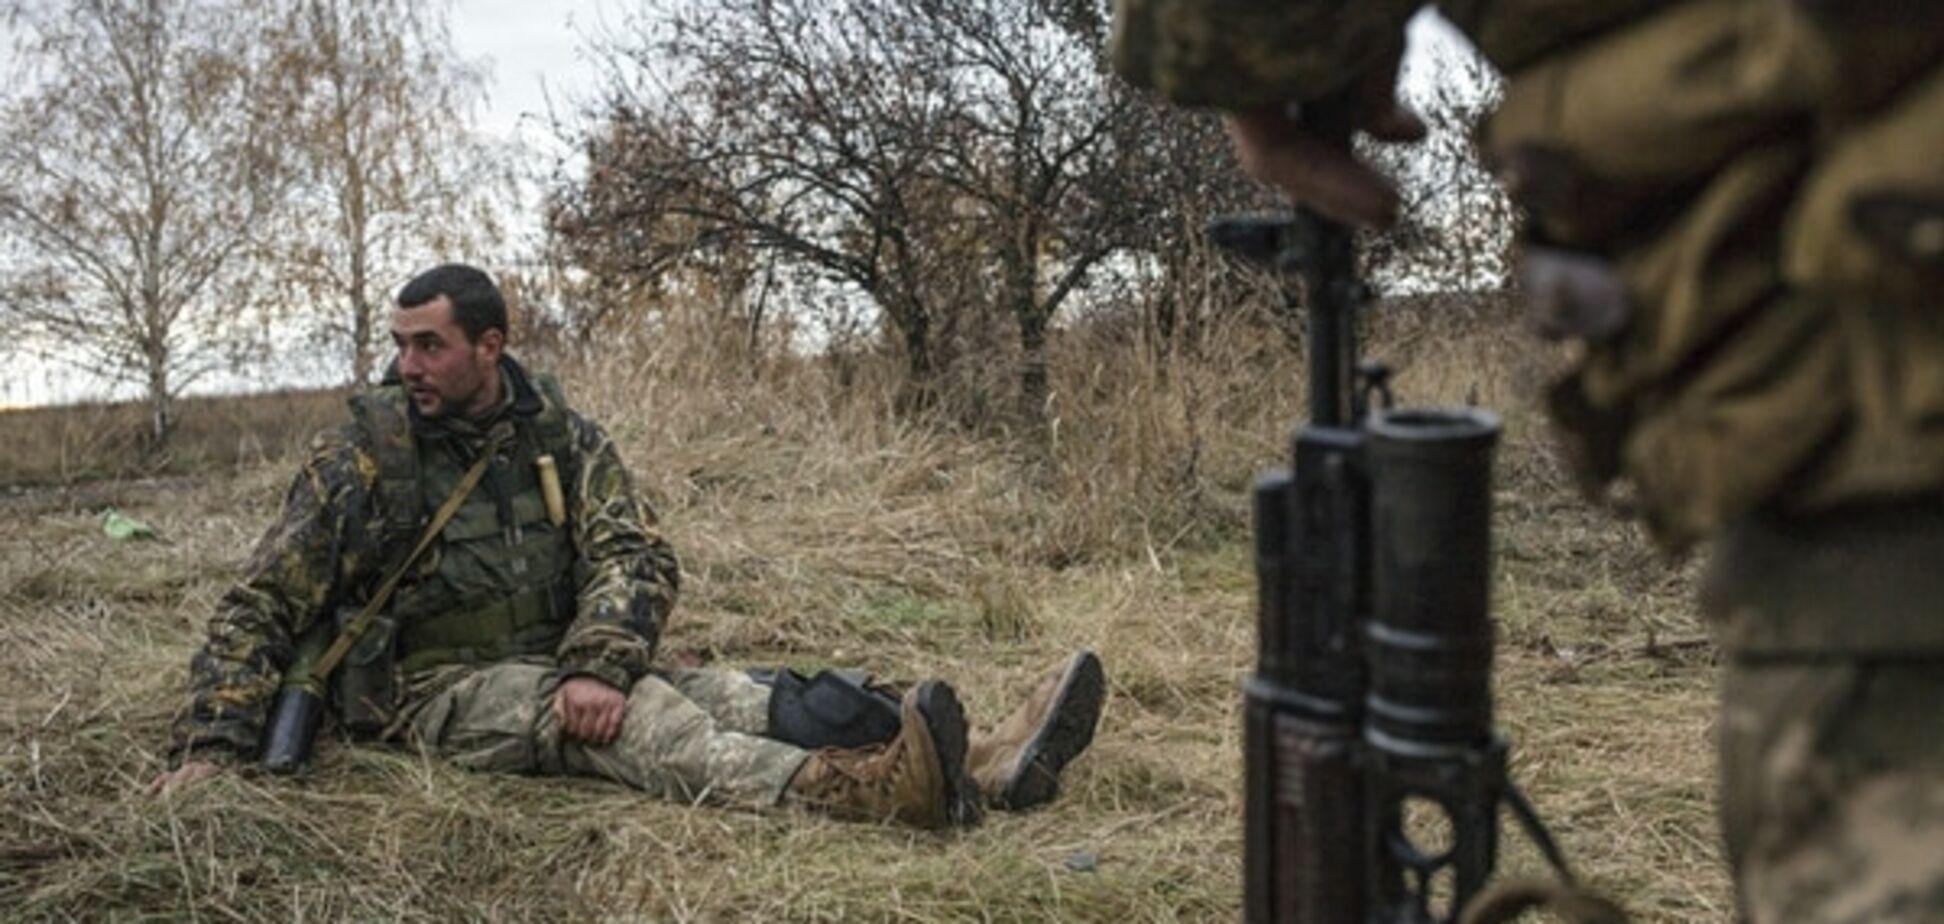 Лысенко объяснил, почему террористы не решатся на полномасштабную атаку в зоне АТО